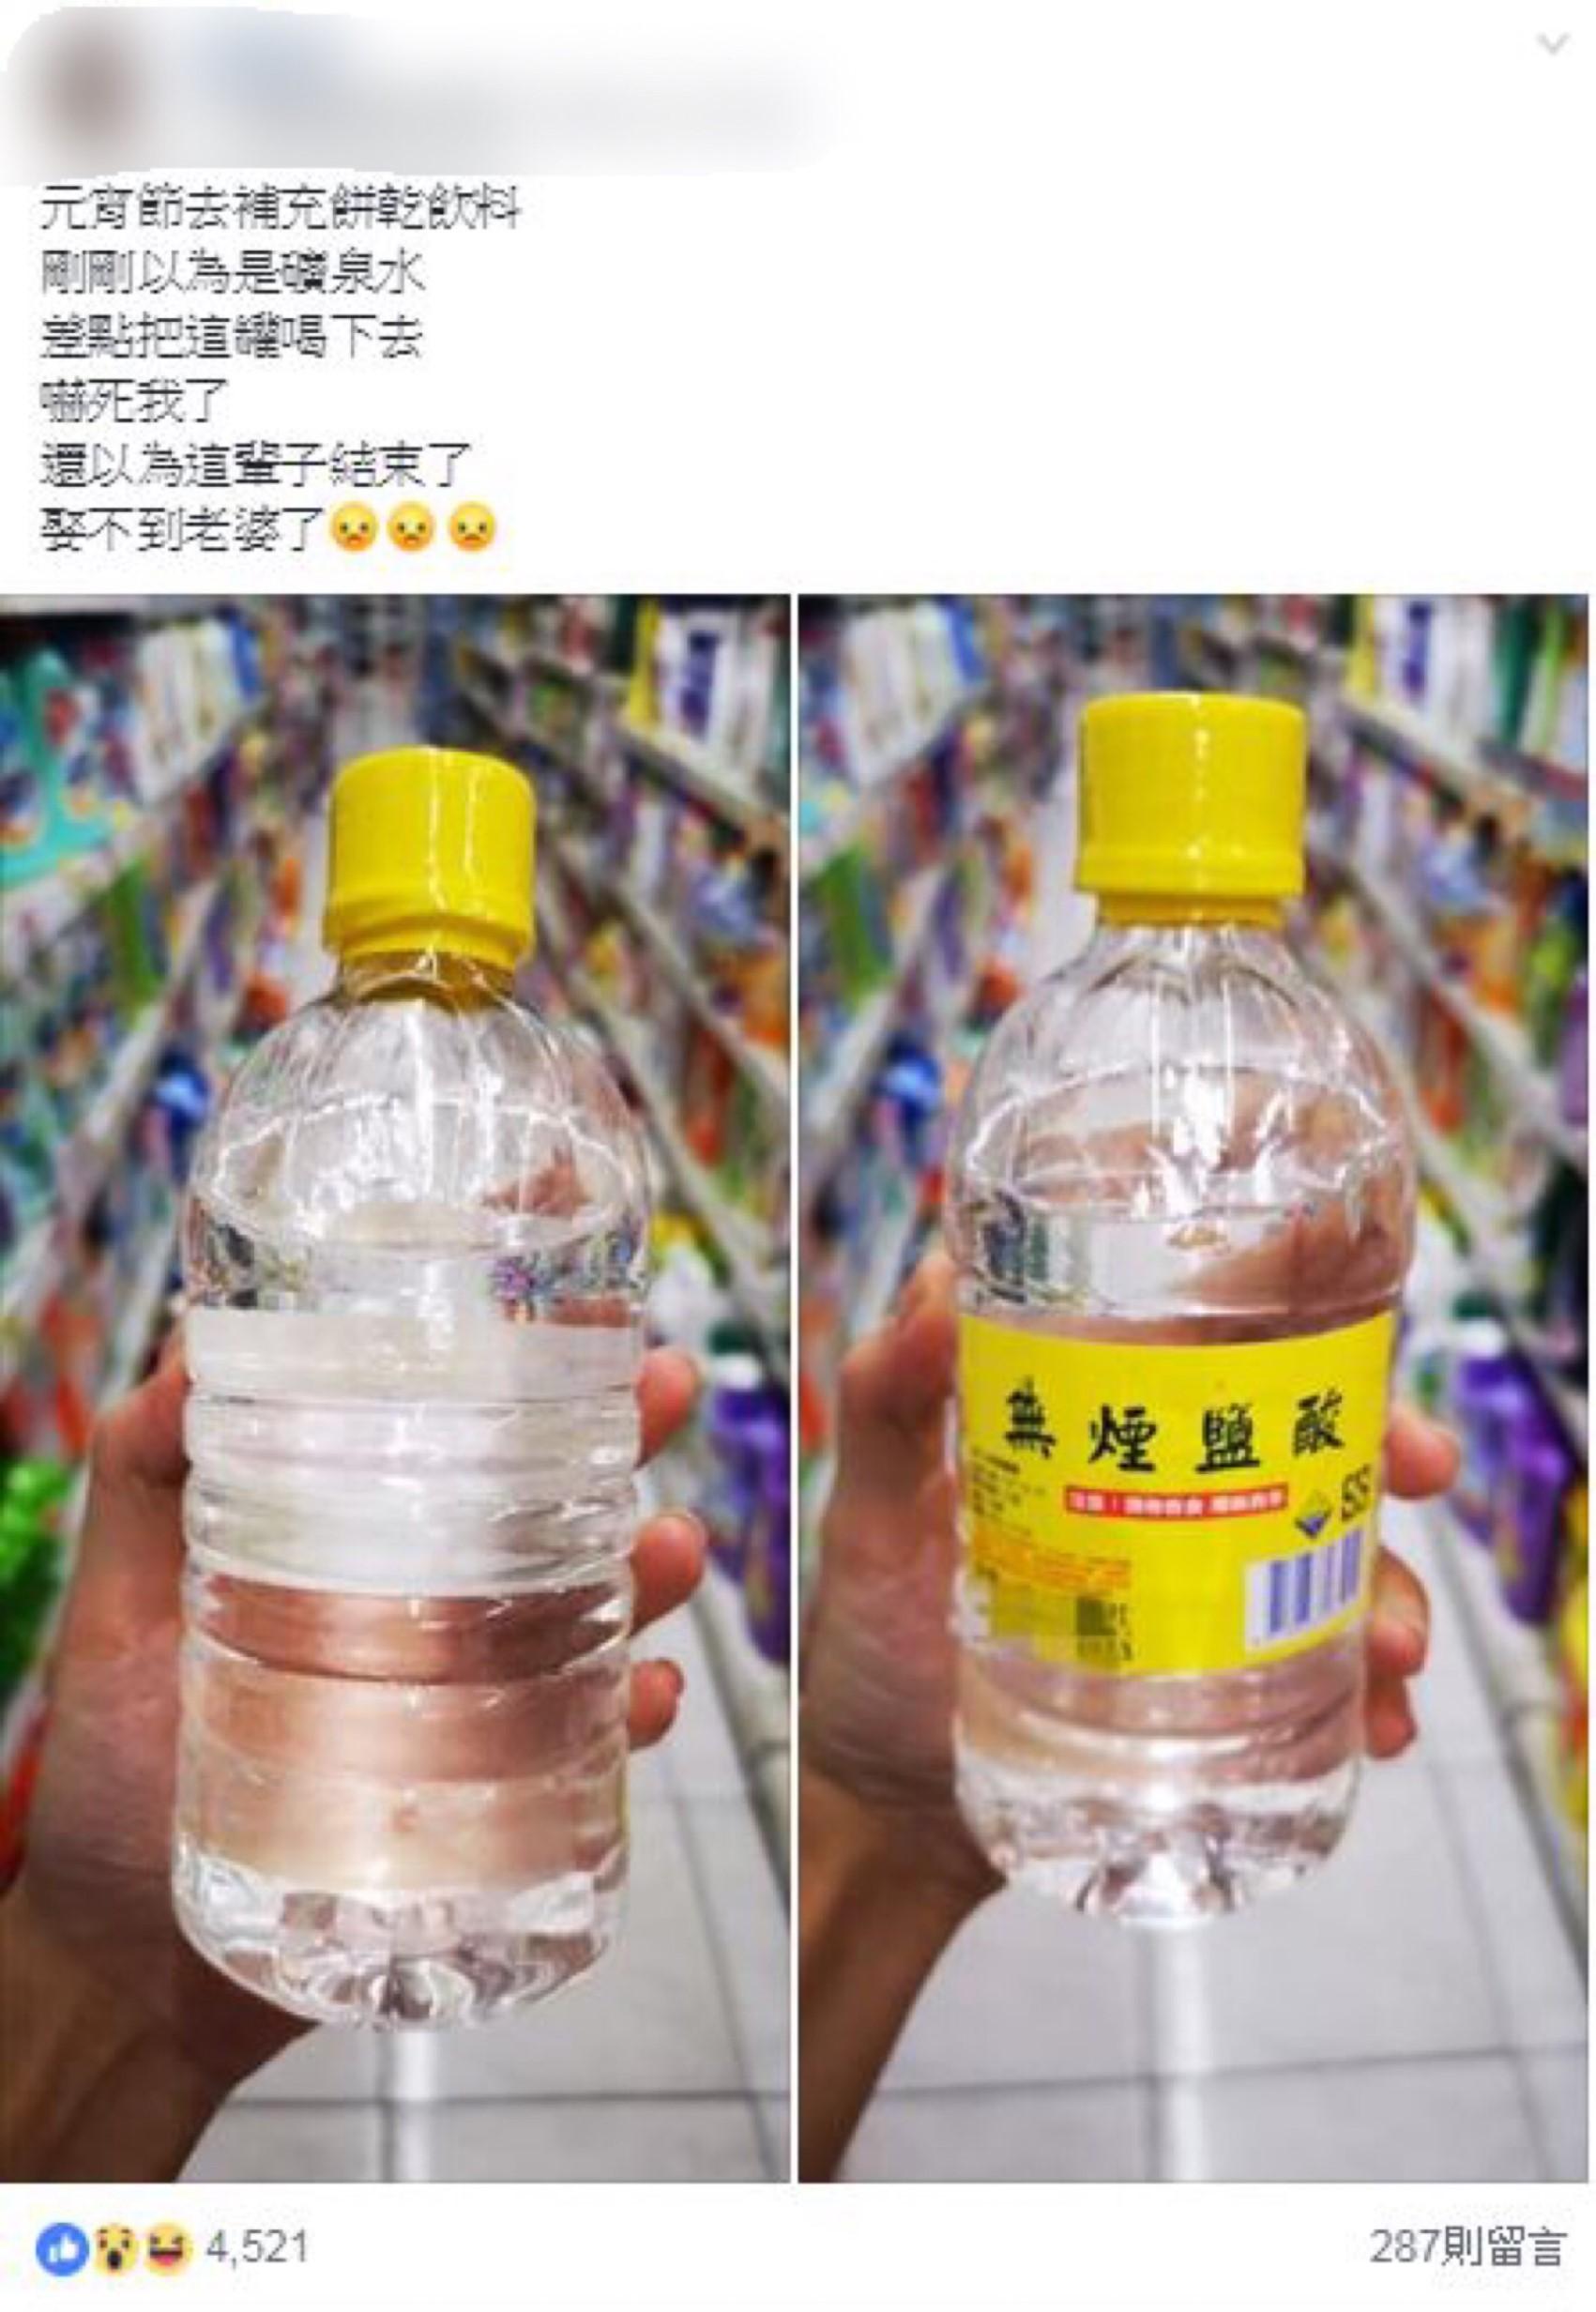 網友發文表示自己差點誤喝鹽酸。圖/翻攝自爆廢公社